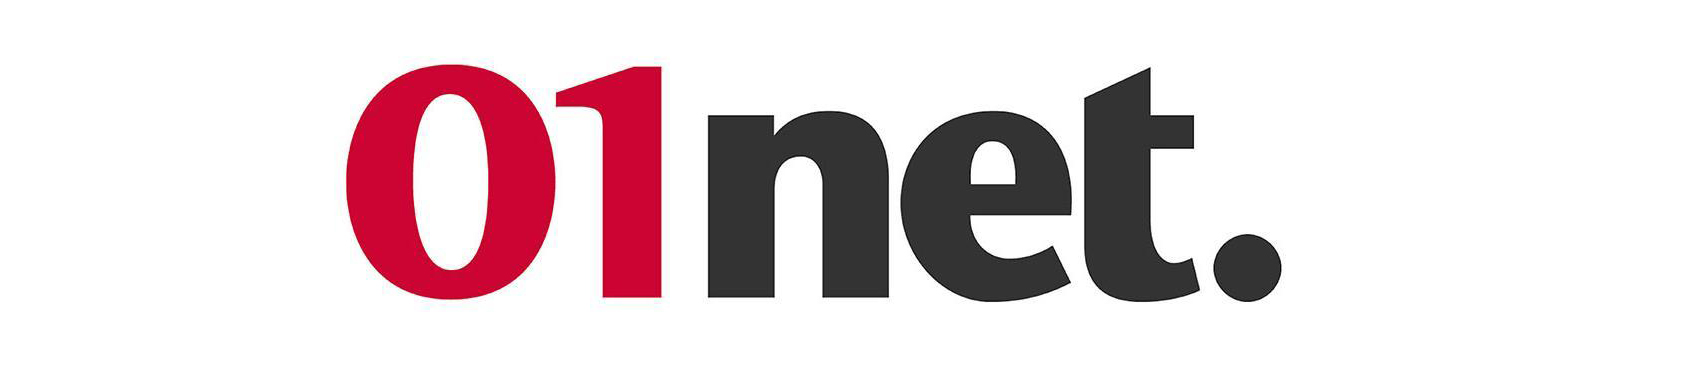 01-net-logo